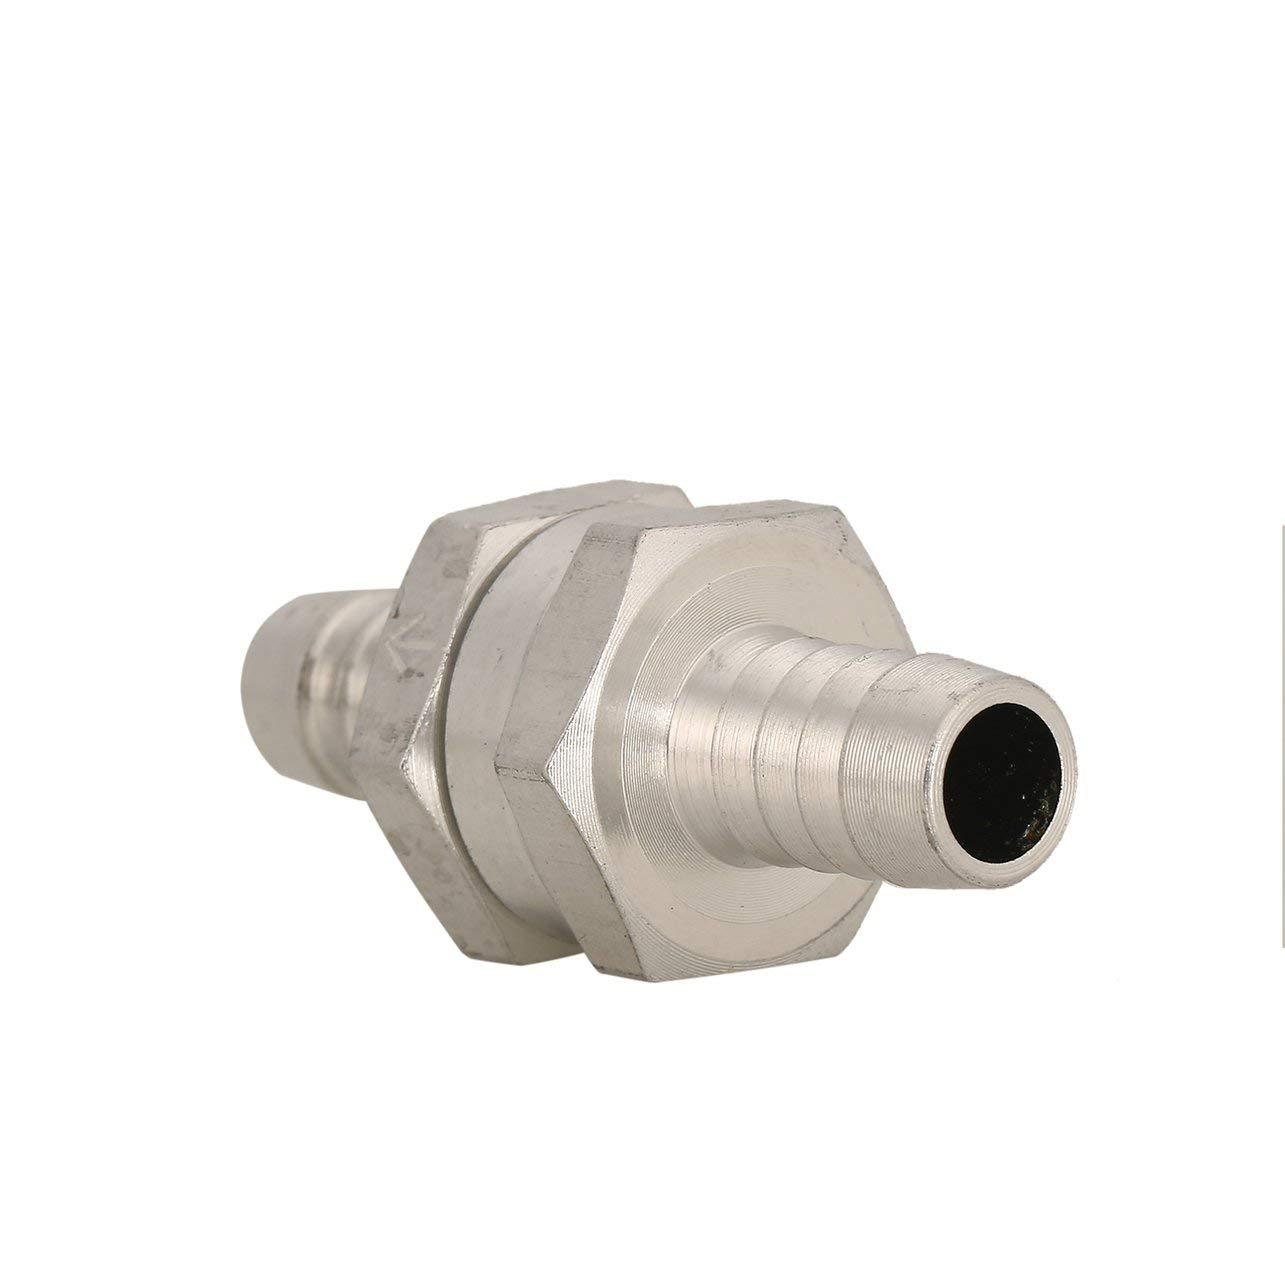 Color: plata 1pc v/álvula de retenci/ón de aluminio de 10 mm de combustible antirretorno Inline la v/álvula de retenci/ón de vac/ío Manguera Una forma para que autom/óvil carburador del veh/ículo